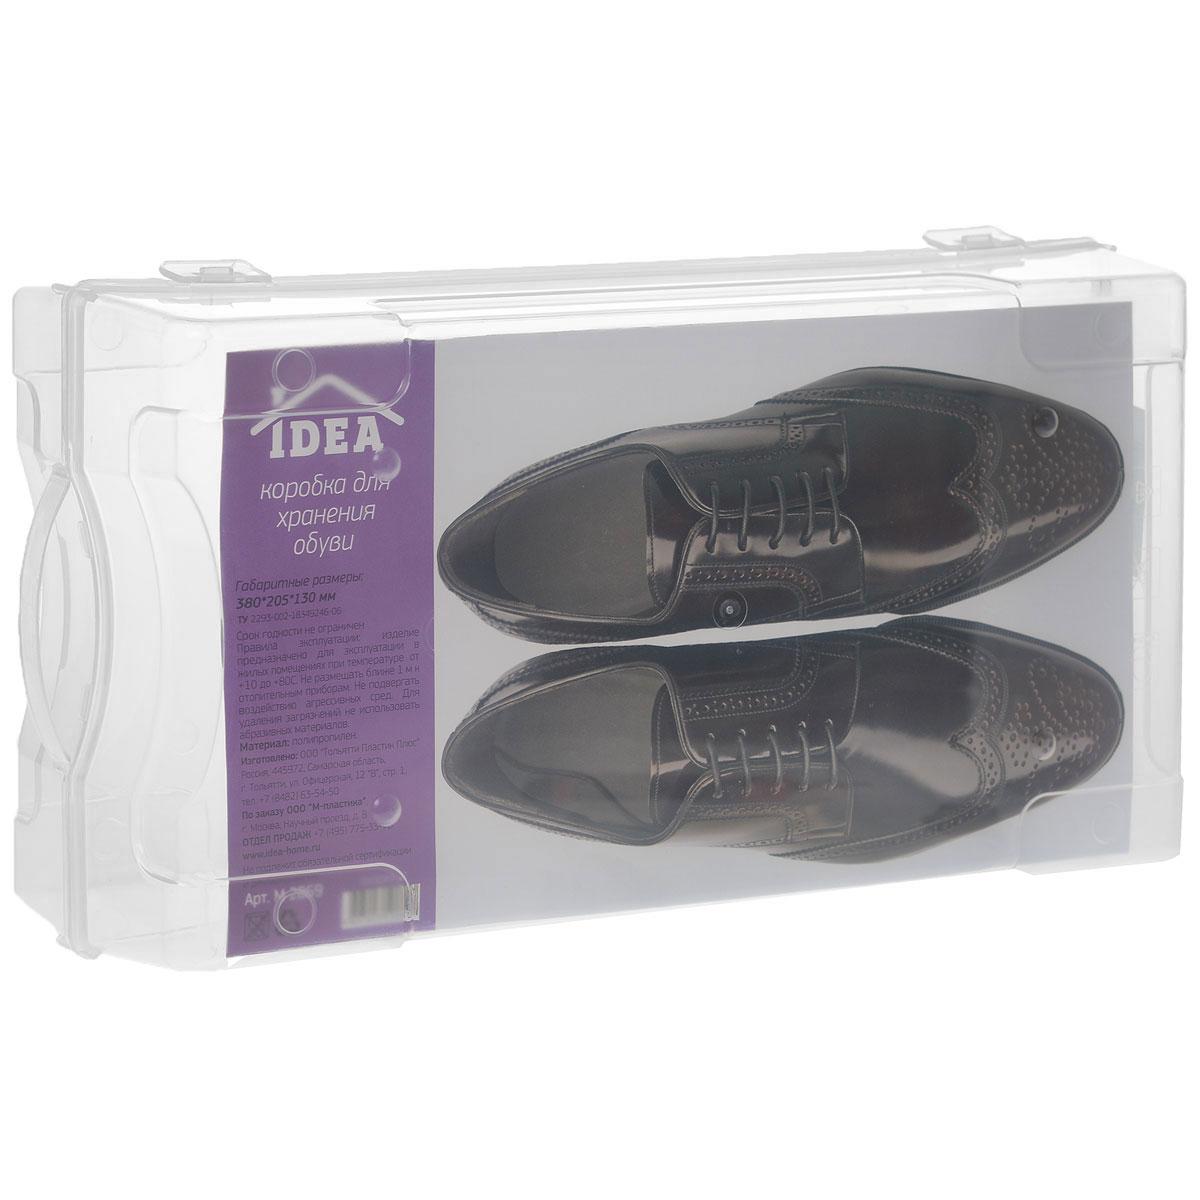 Коробка для хранения обуви Idea, 38 см х 20,5 см х 13 смМ 2869Коробка Idea изготовлена из прозрачного пластика. Изделие специально предназначено для хранения одной пары мужской обуви. Закрывается коробка на две защелки. Коробка имеет ручку для удобства ее транспортировки. Коробка для хранения Idea - идеальное решение для аккуратного хранения вашей обуви. Уважаемые клиенты! Обращаем ваше внимание на тот факт, что коробка поставляется в собранном виде.